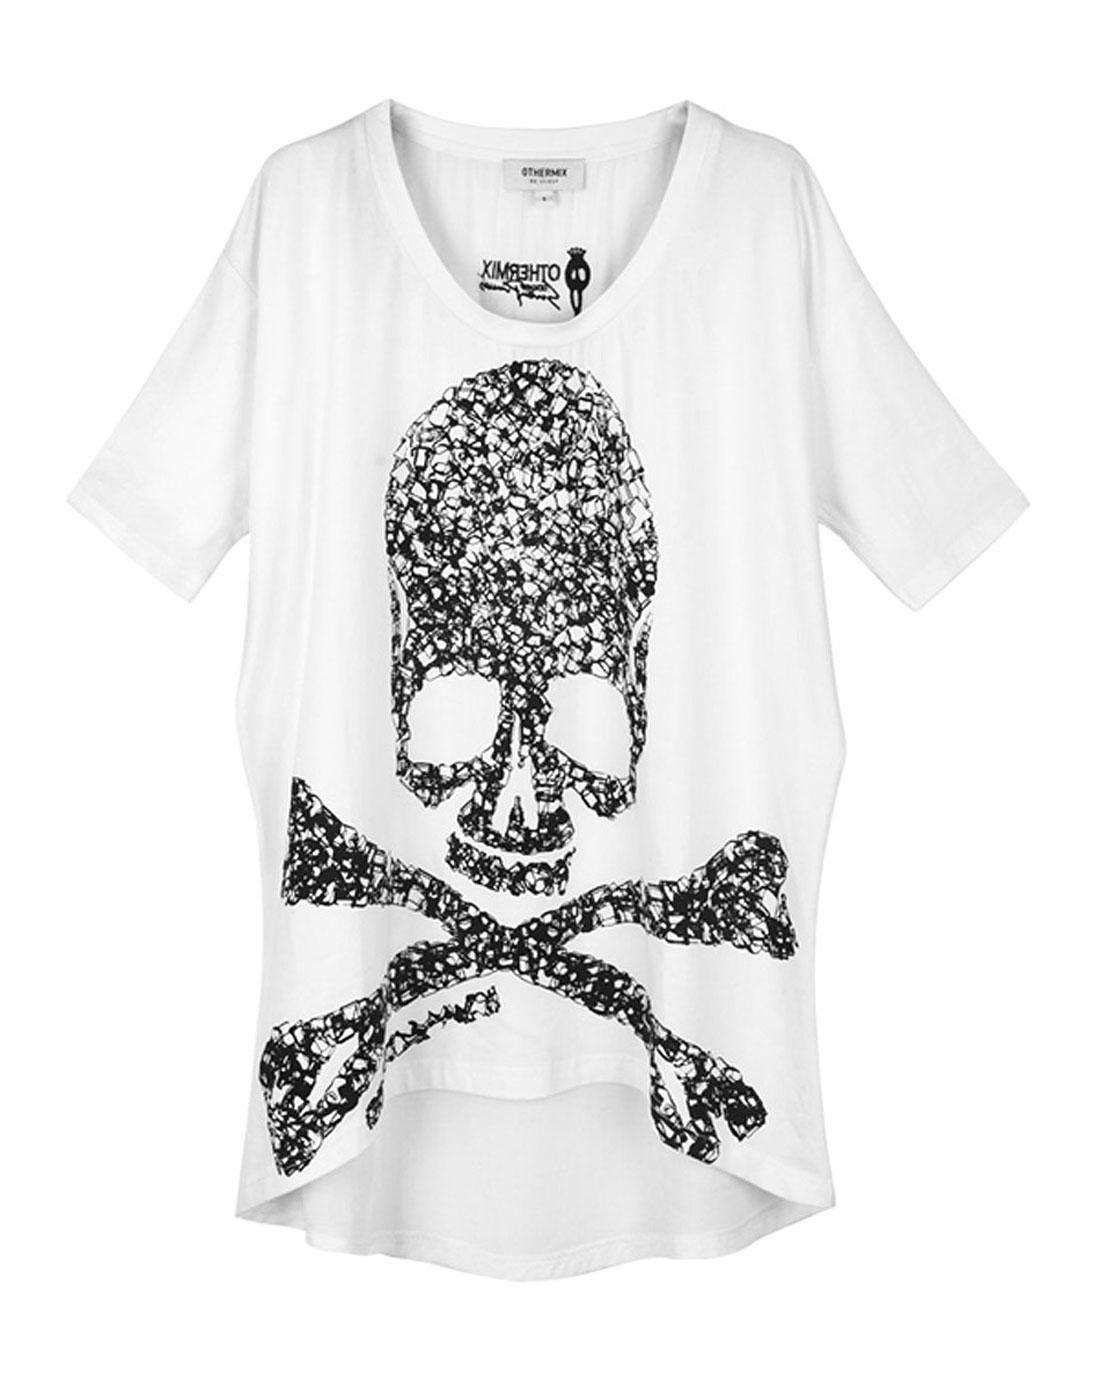 白色骷髅头印花短袖t恤